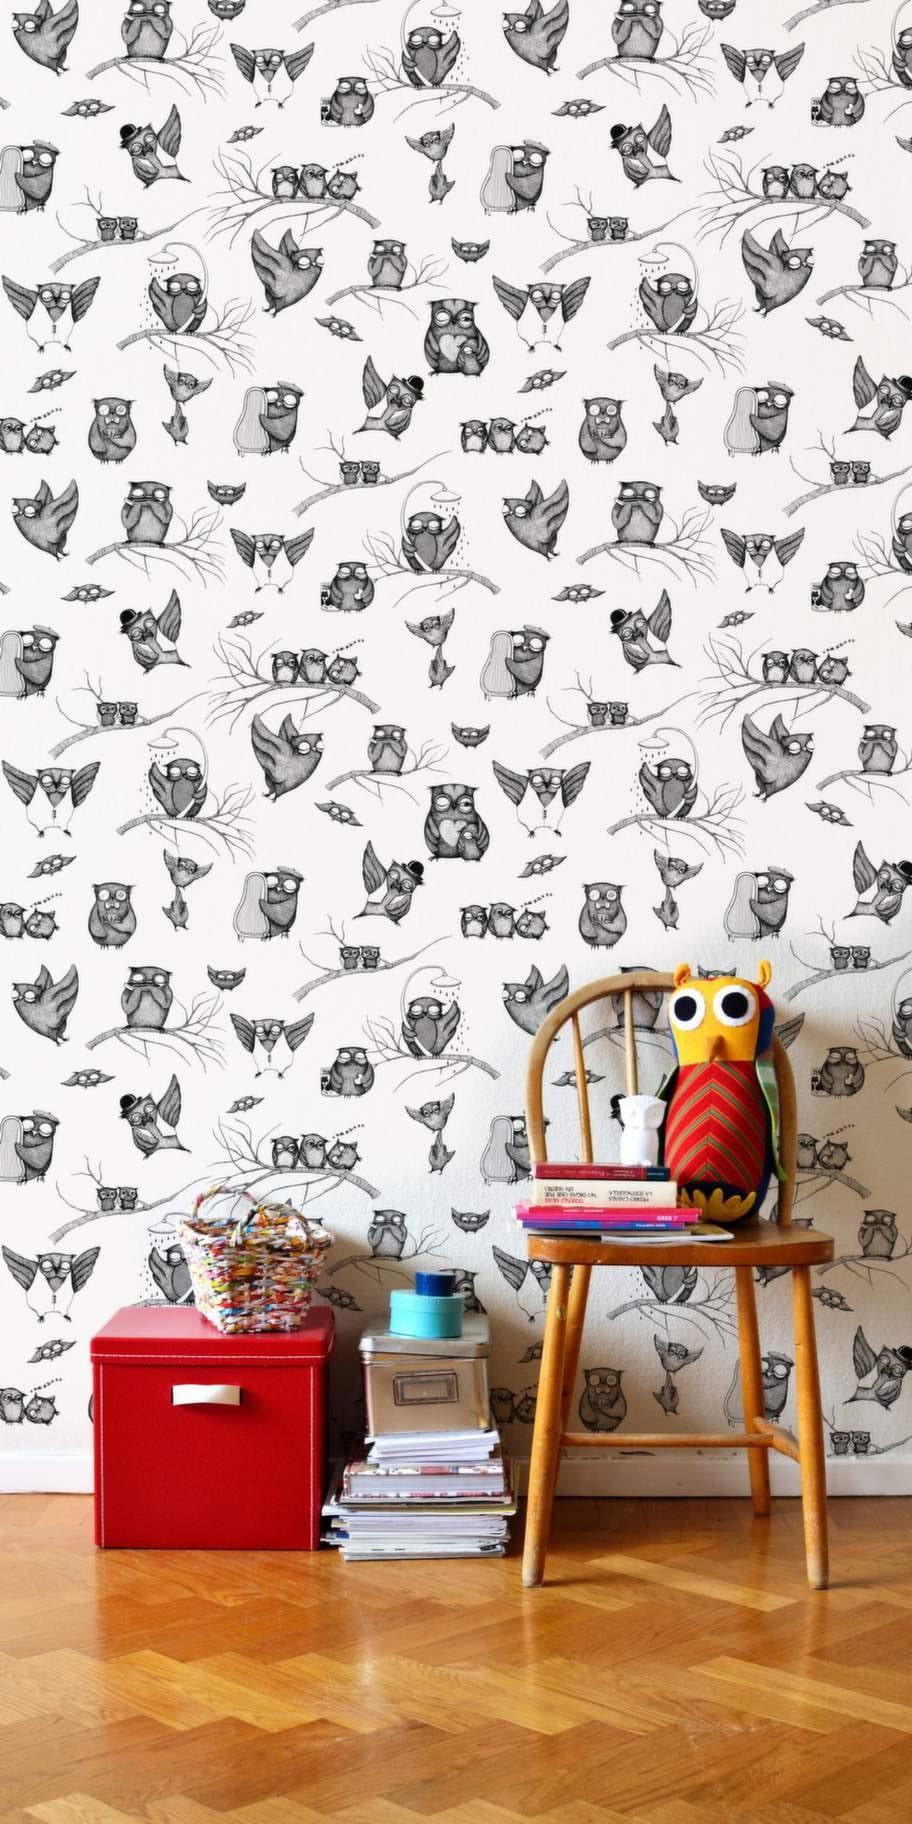 Ugglor. Fototapeten Owls pattern från Miniempire, 347 kronor per kvadratmeter, Photowall.